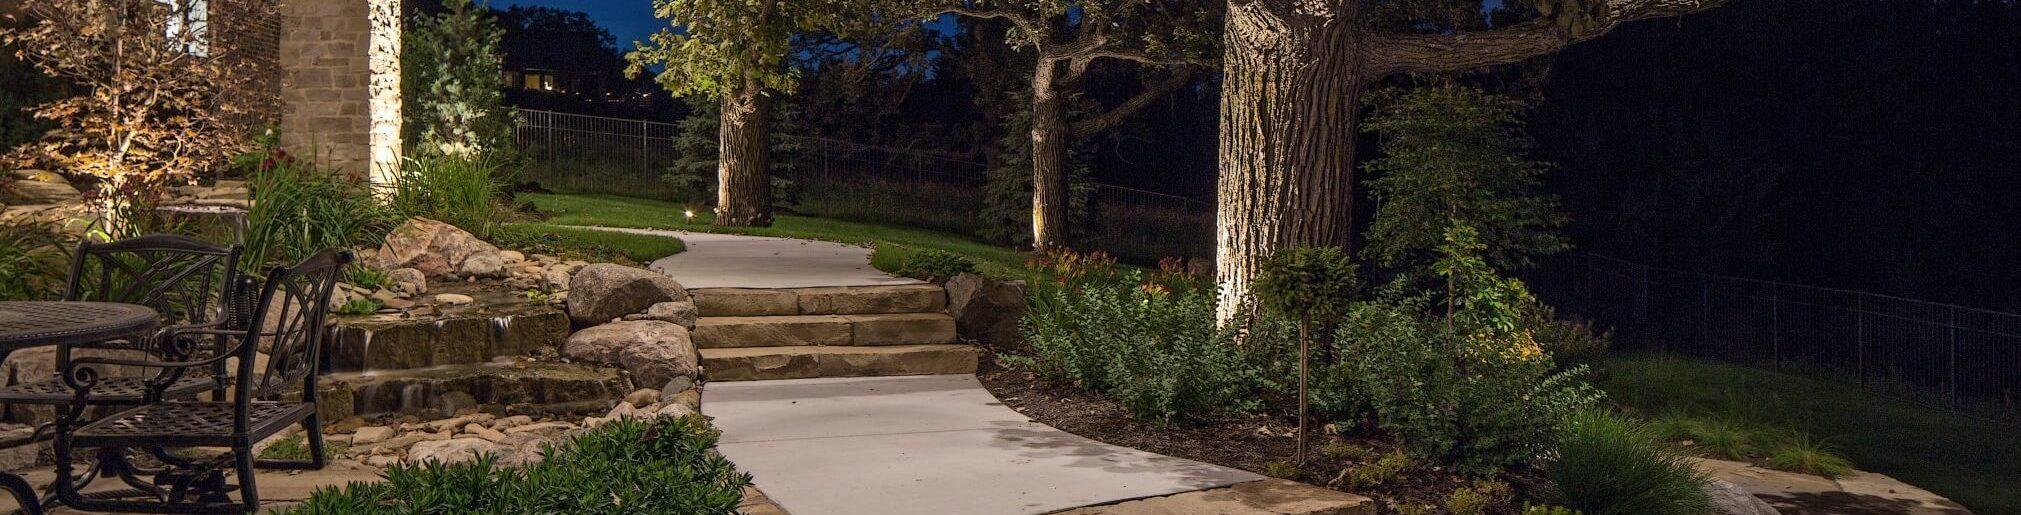 landscape lighting home design